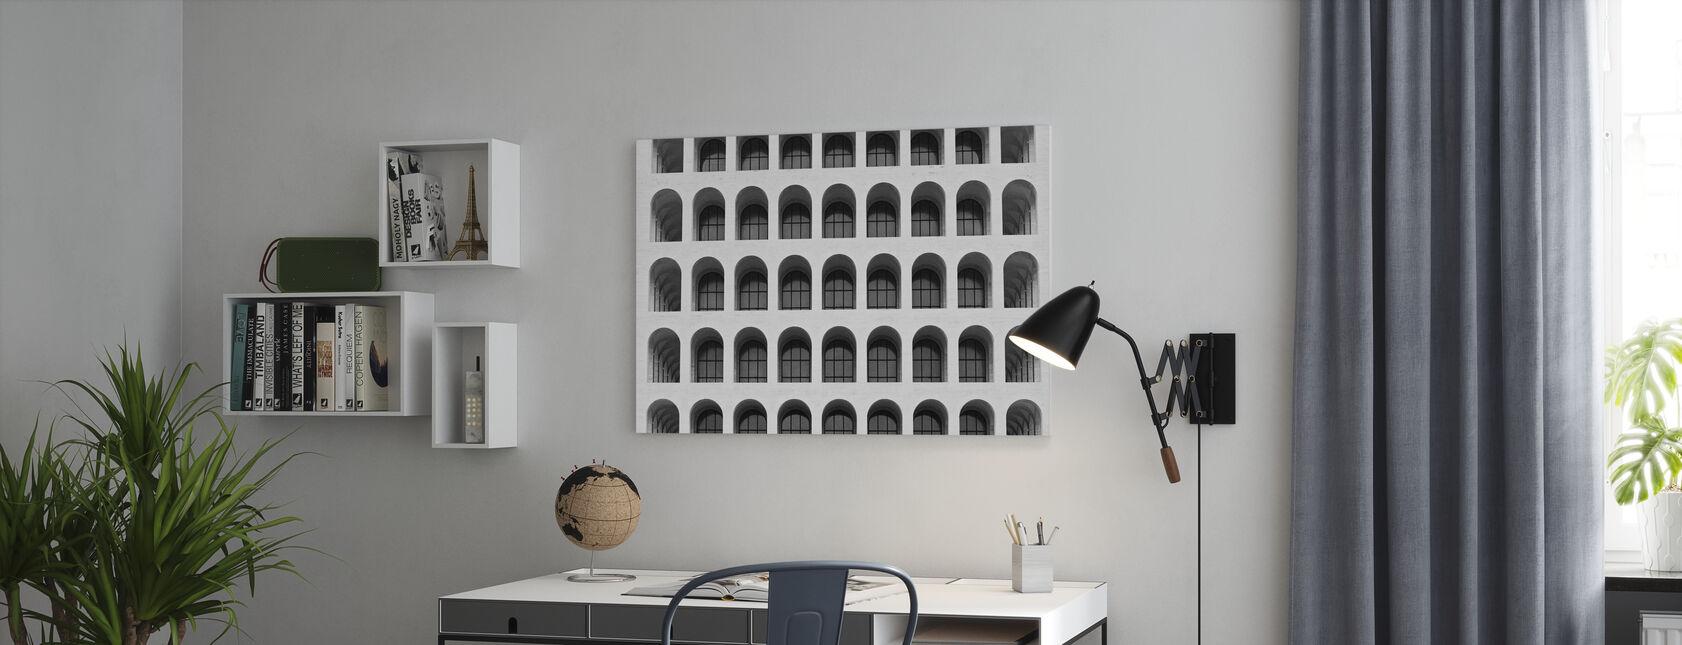 Colosseum-ikkunat - Canvastaulu - Toimisto